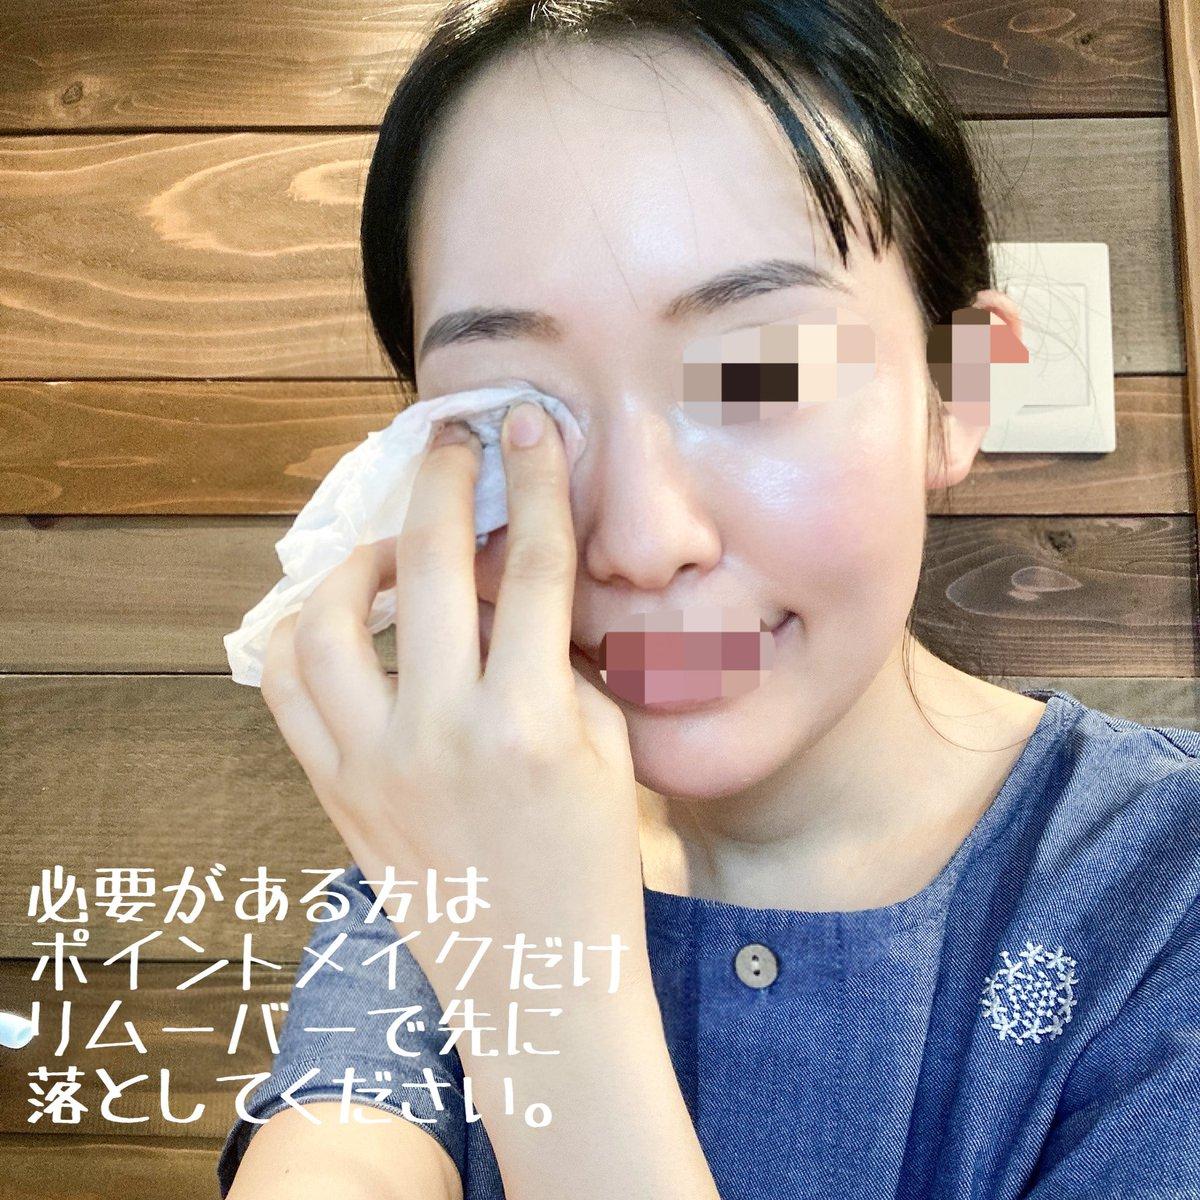 オイル 洗顔 ベビー